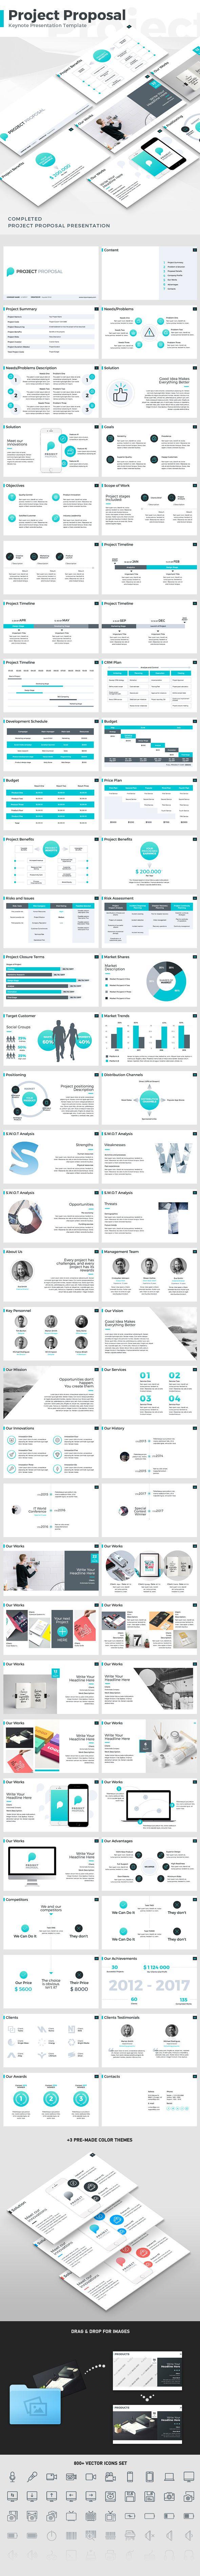 Project Proposal Keynote Design Template - Business Keynote Design Template. Download here: https://graphicriver.net/item/project-proposal-keynote-template/19326205?ref=yinkira